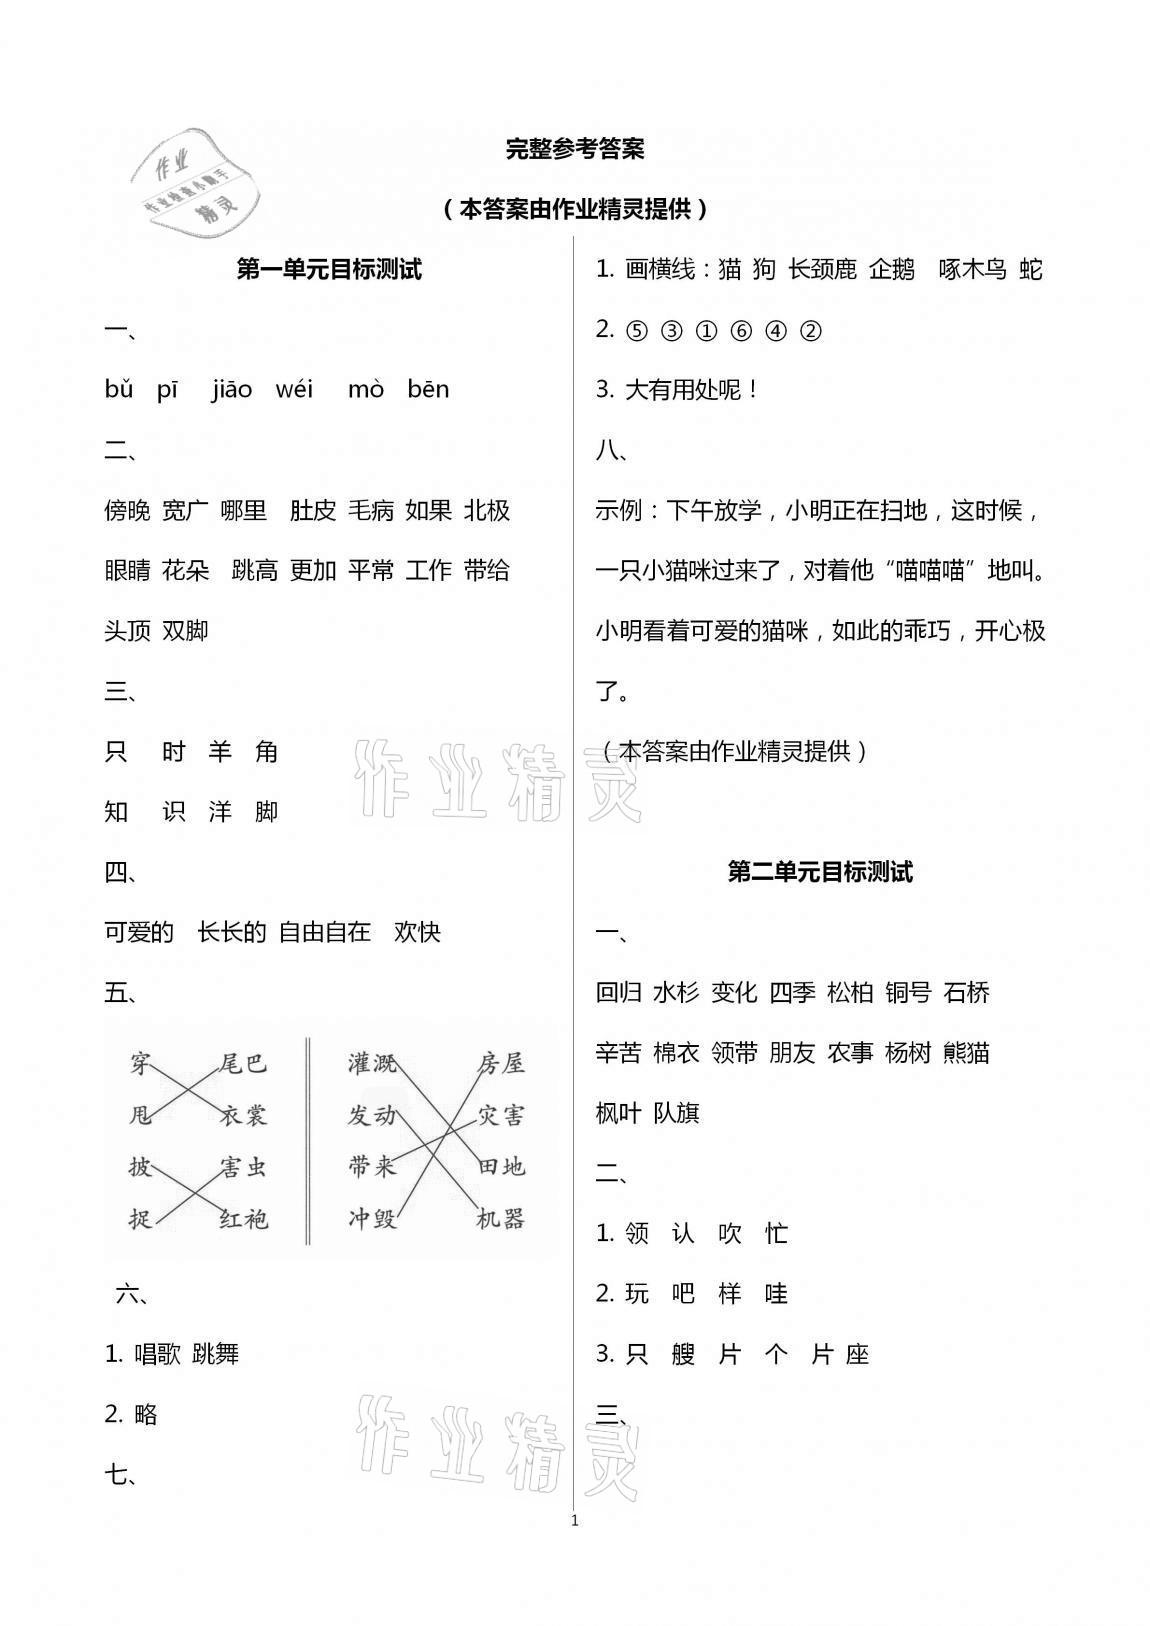 2020年小学目标测试二年级语文上册人教版第1页